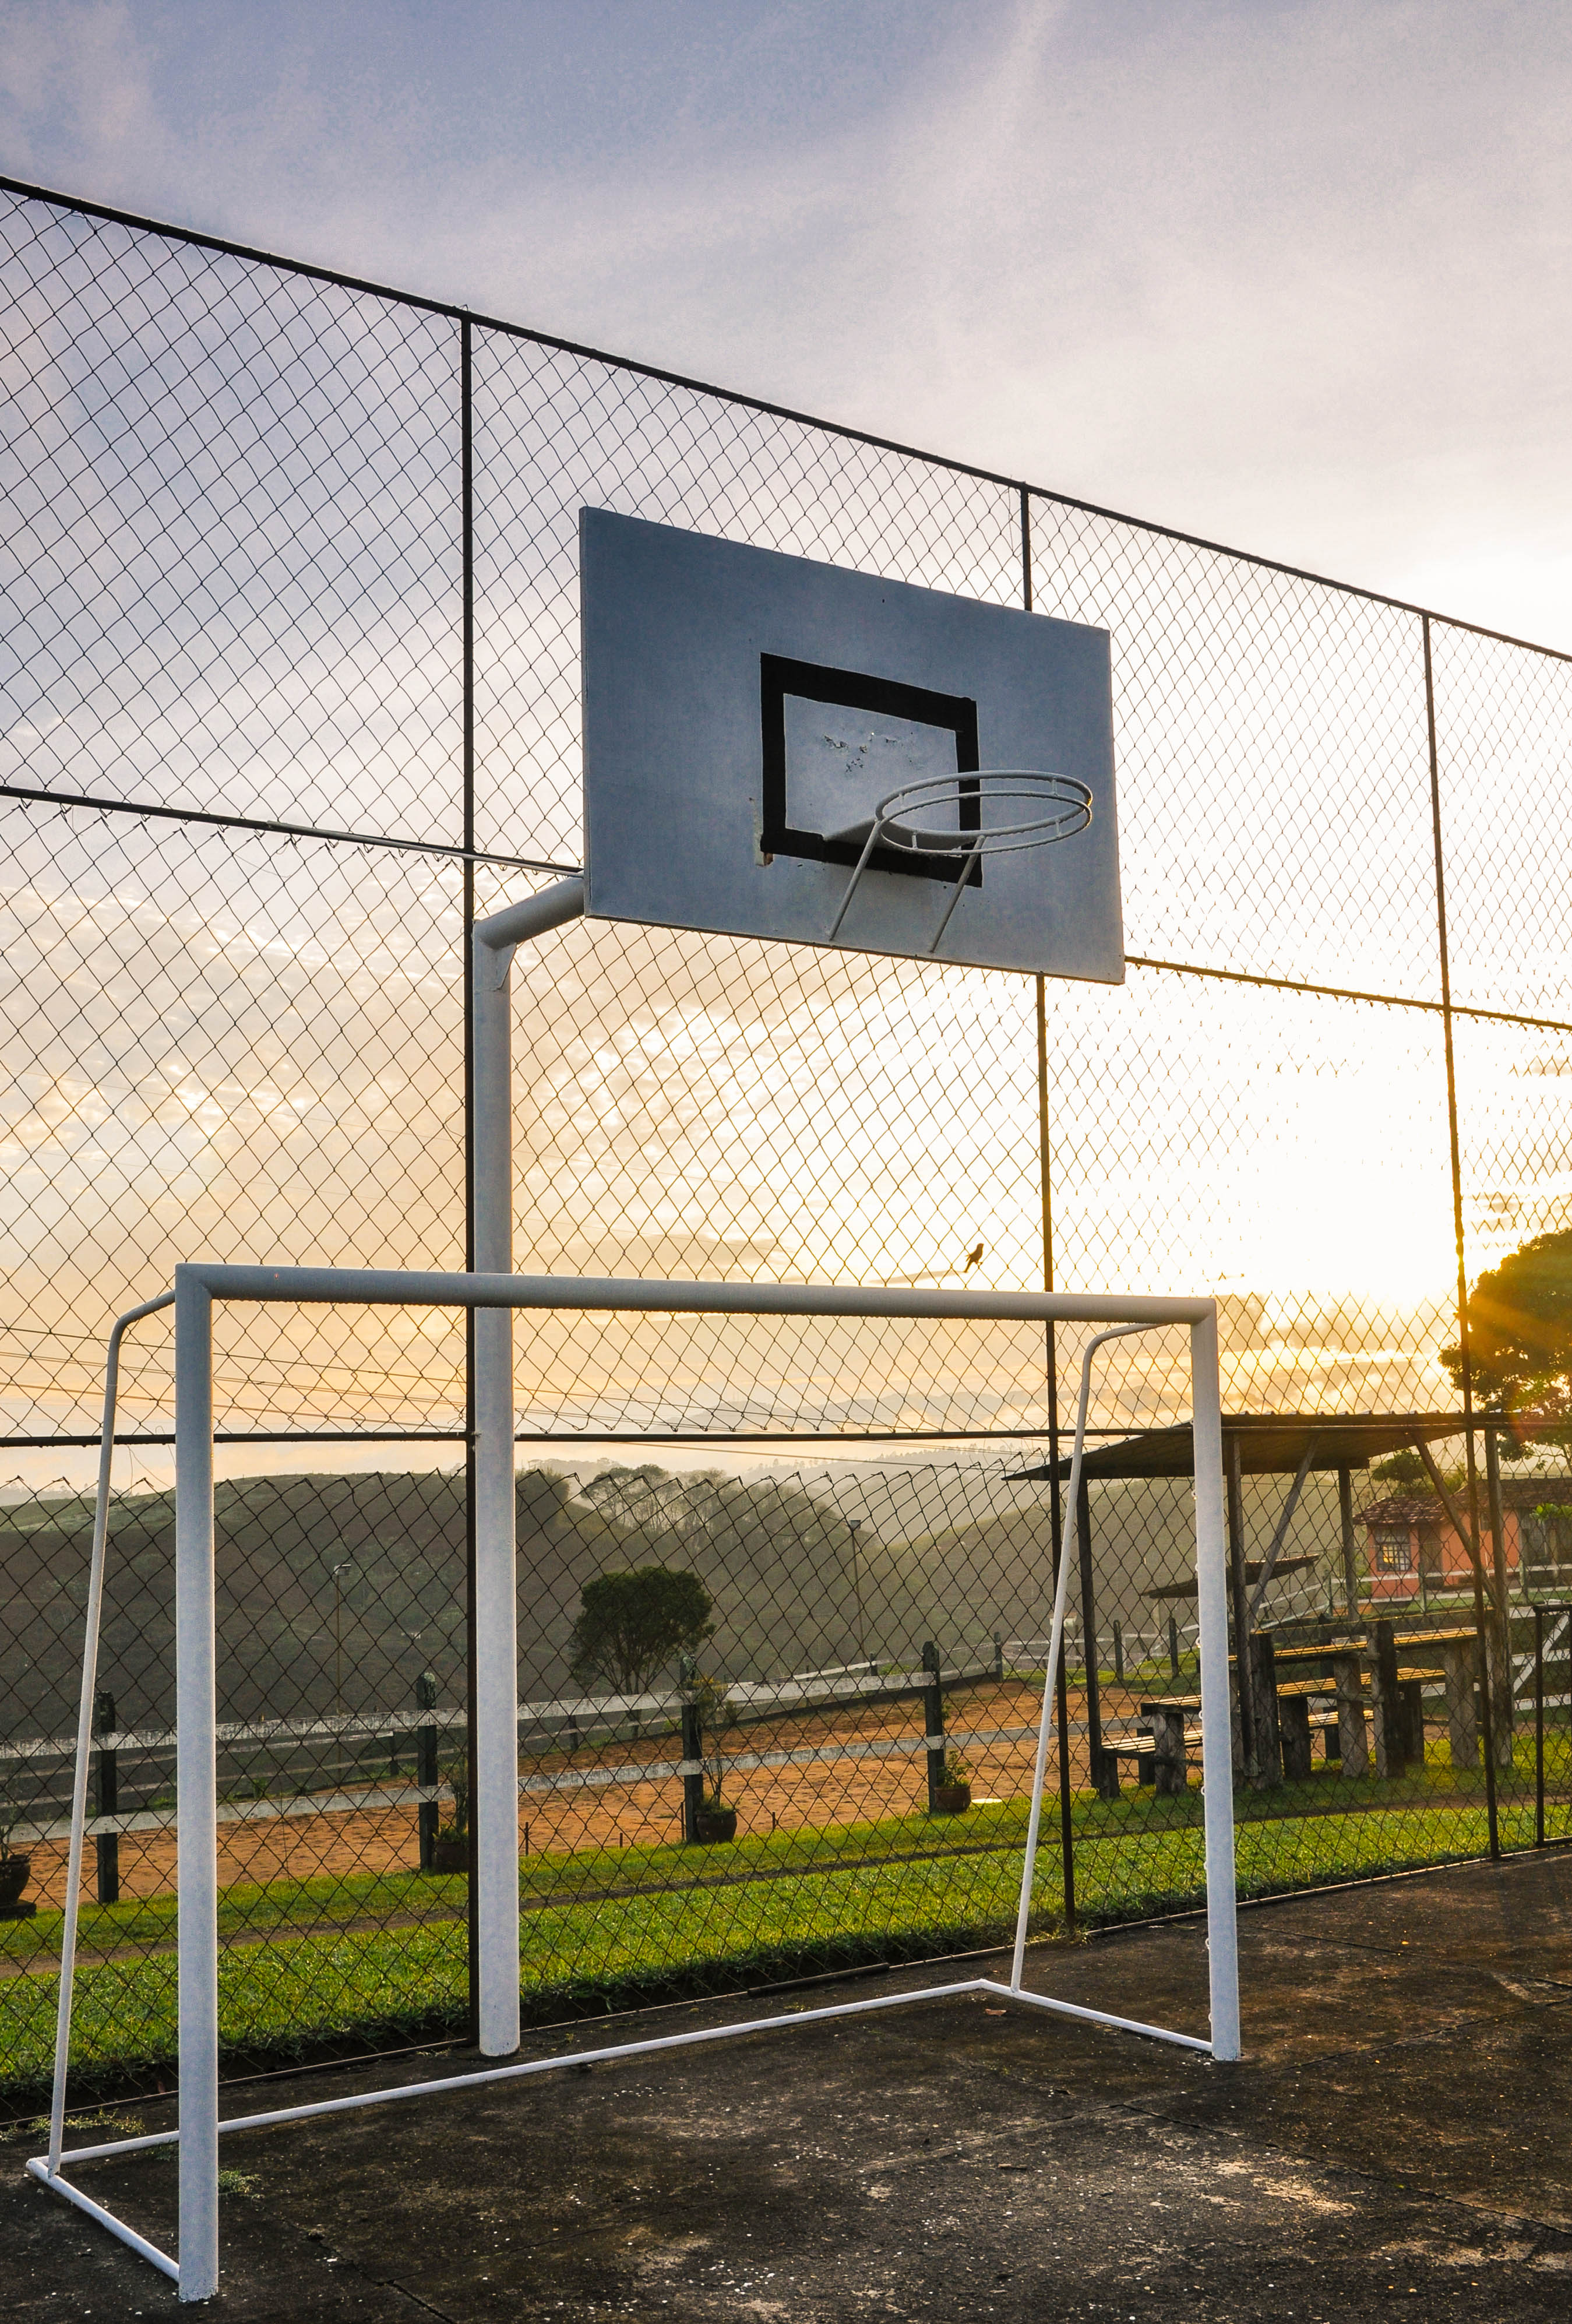 Futebol, basquete, volei e vista <3